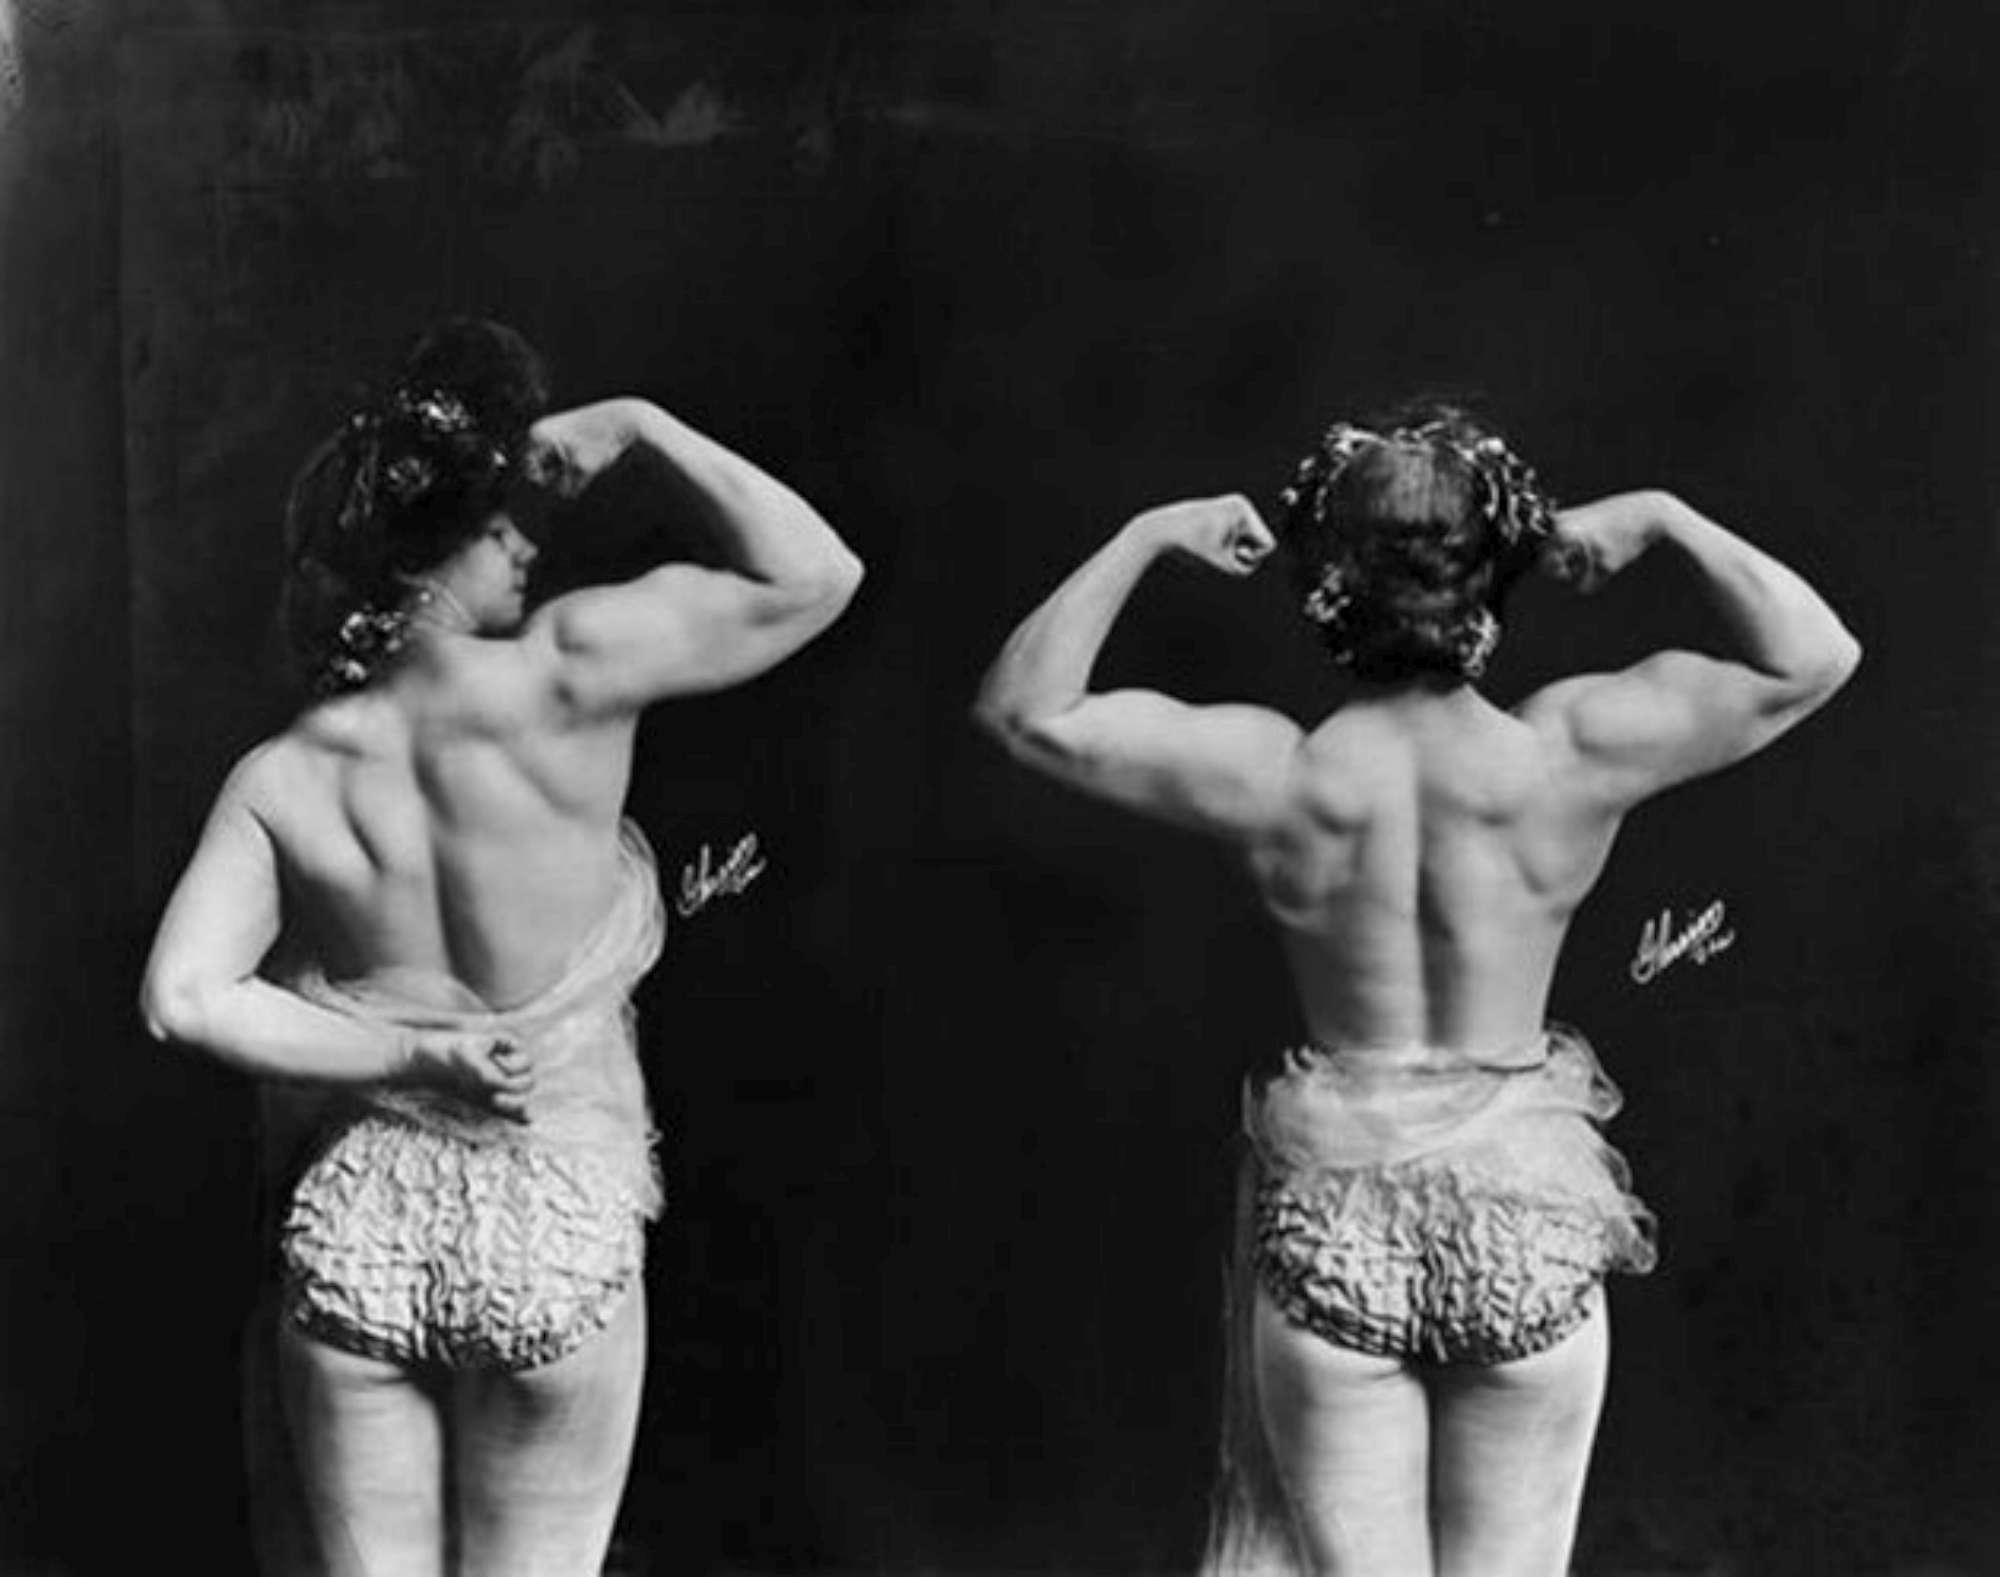 Donne coi muscoli, le foto delle culturiste di inizio Novecento